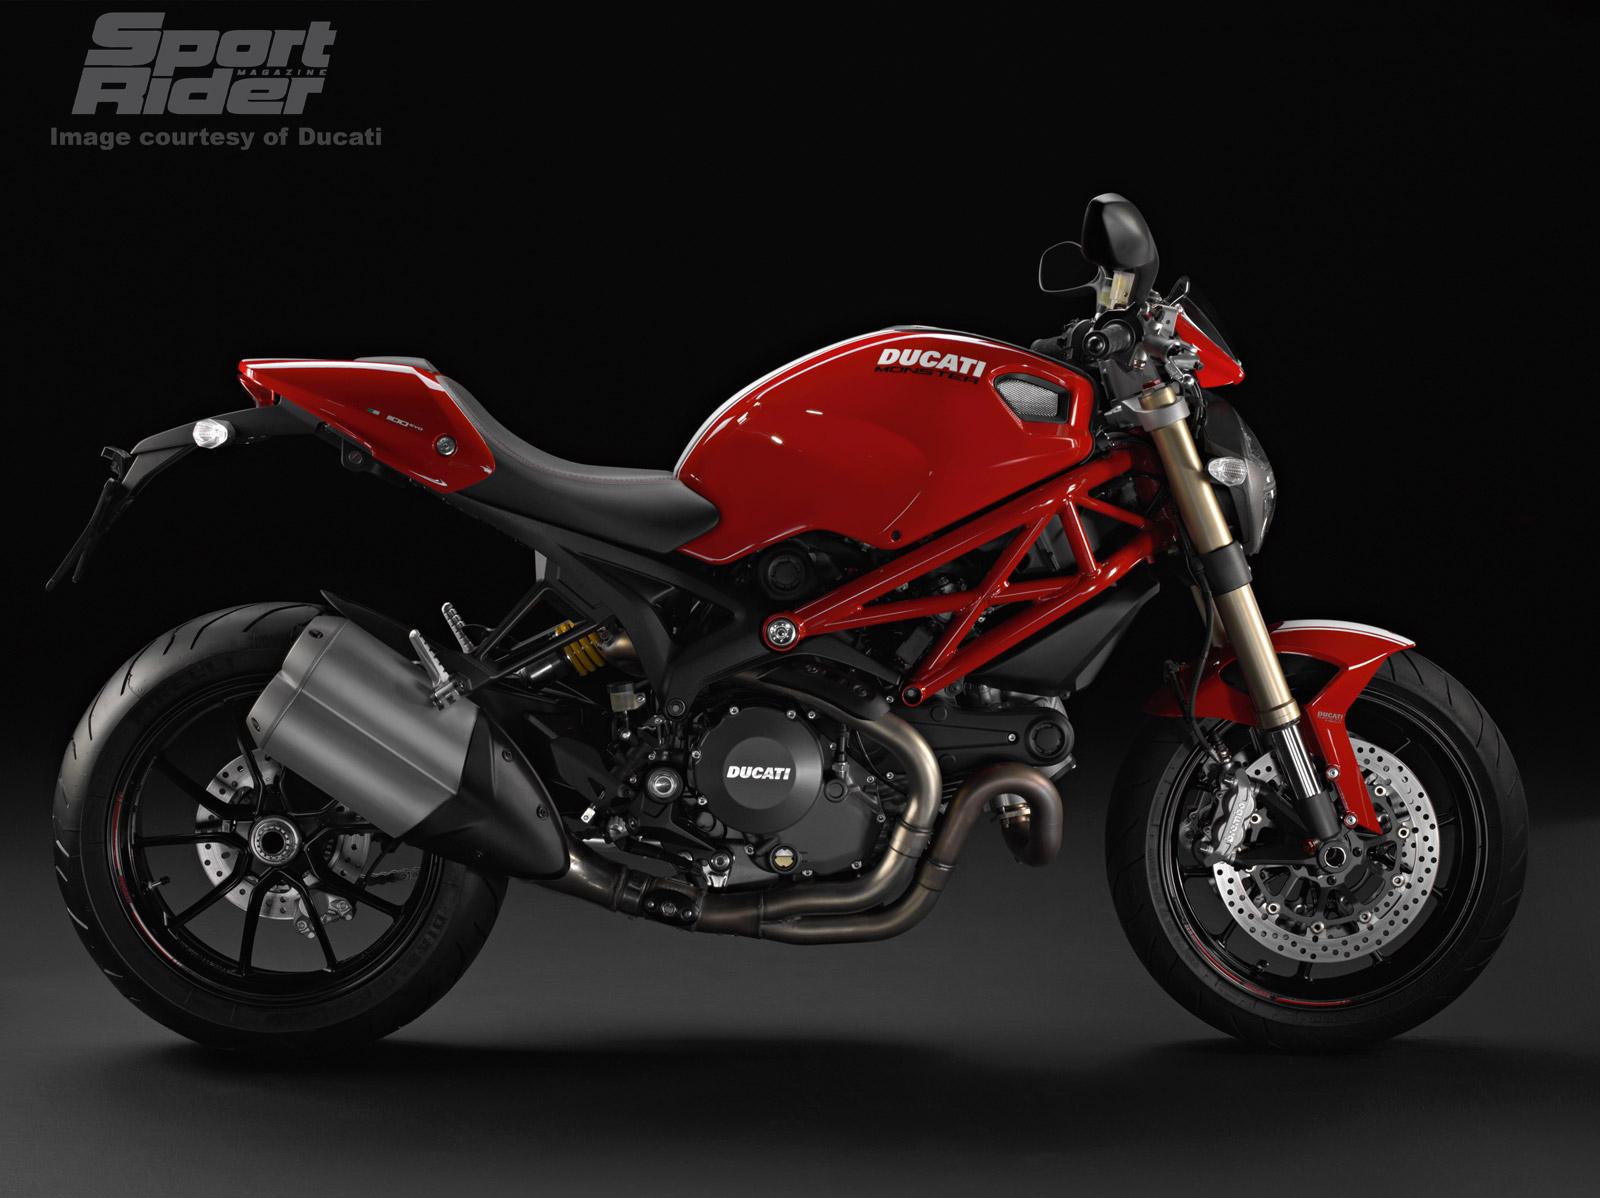 ducati monster 1100 evo 2013 bike special. Black Bedroom Furniture Sets. Home Design Ideas